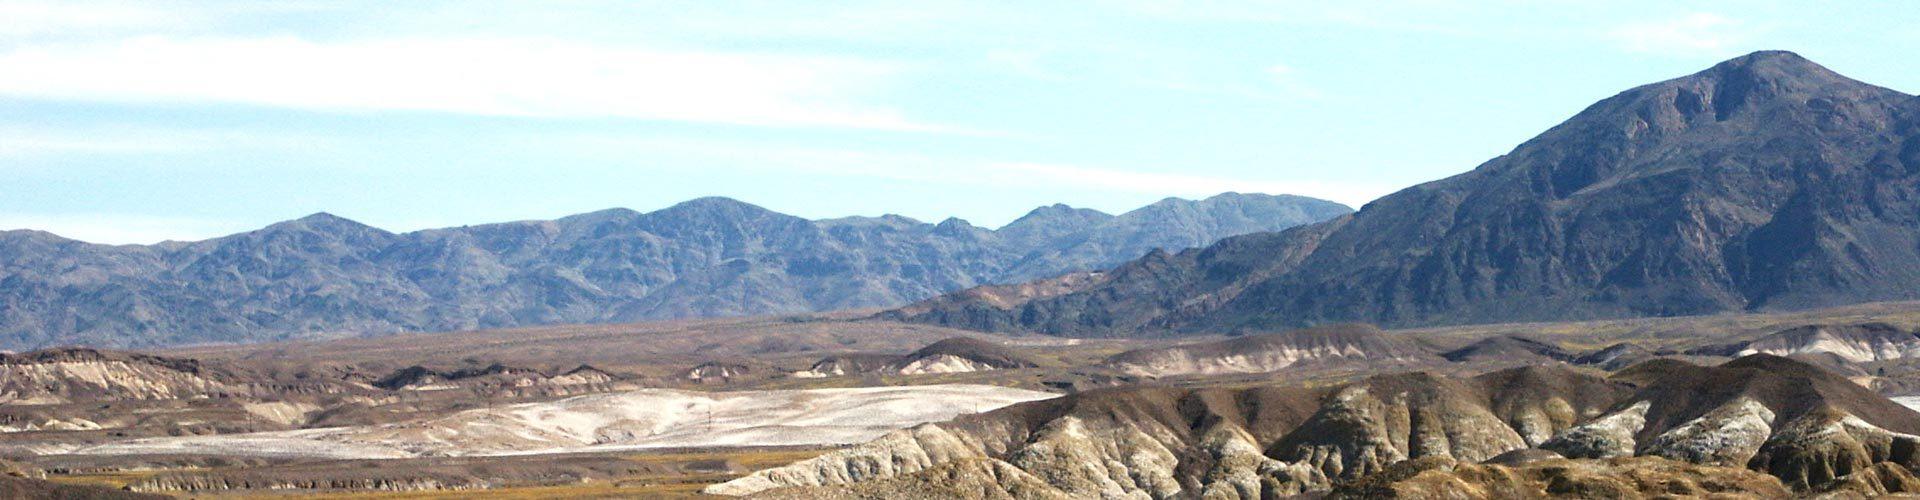 Death Valley Nationalpark, Kalifornien